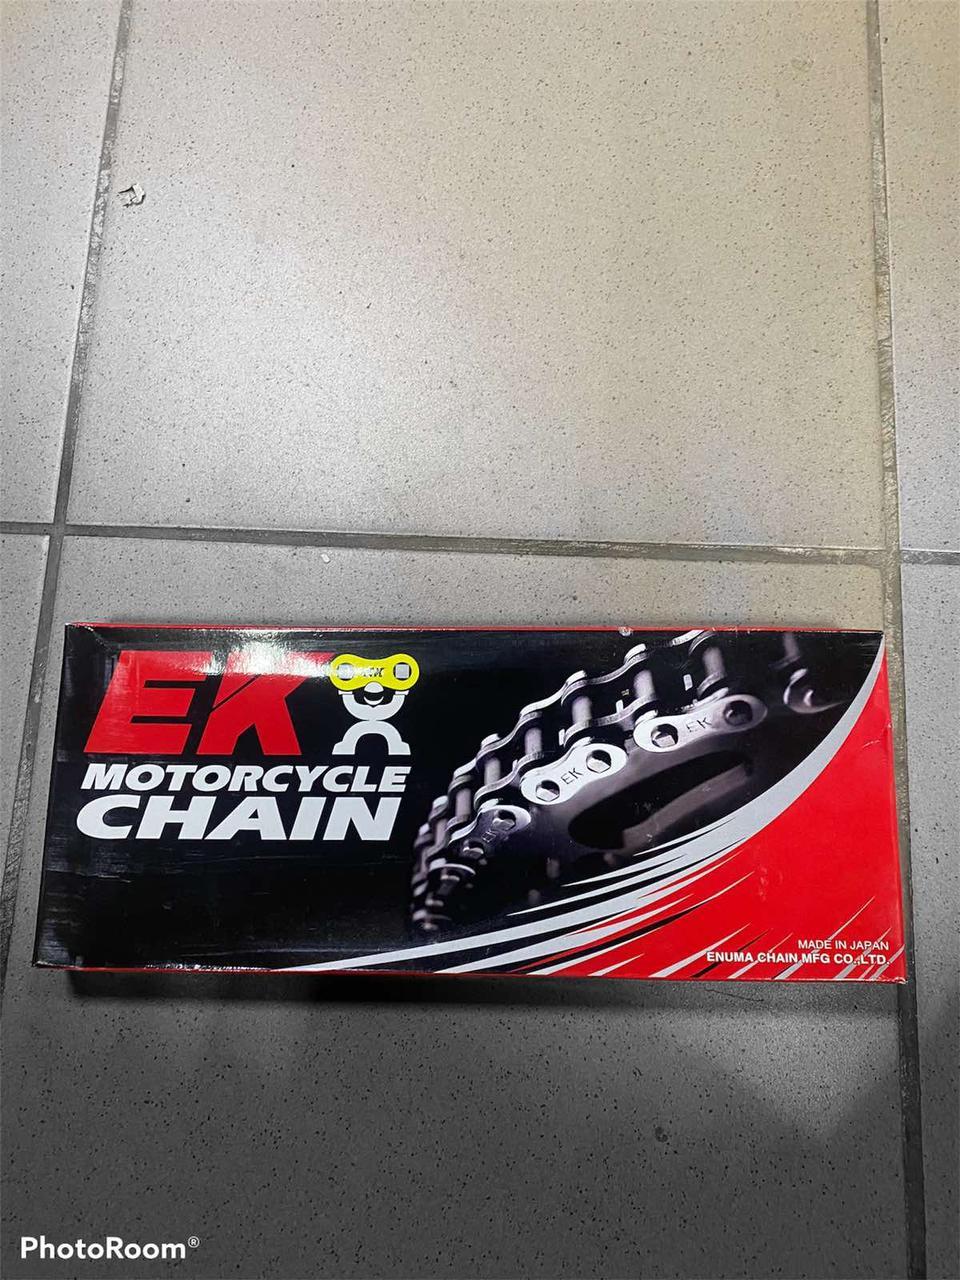 Фірмова японська приводний ланцюг для мопедів і невеликих мотоциклів фірми EK415SHDR140 Supersport